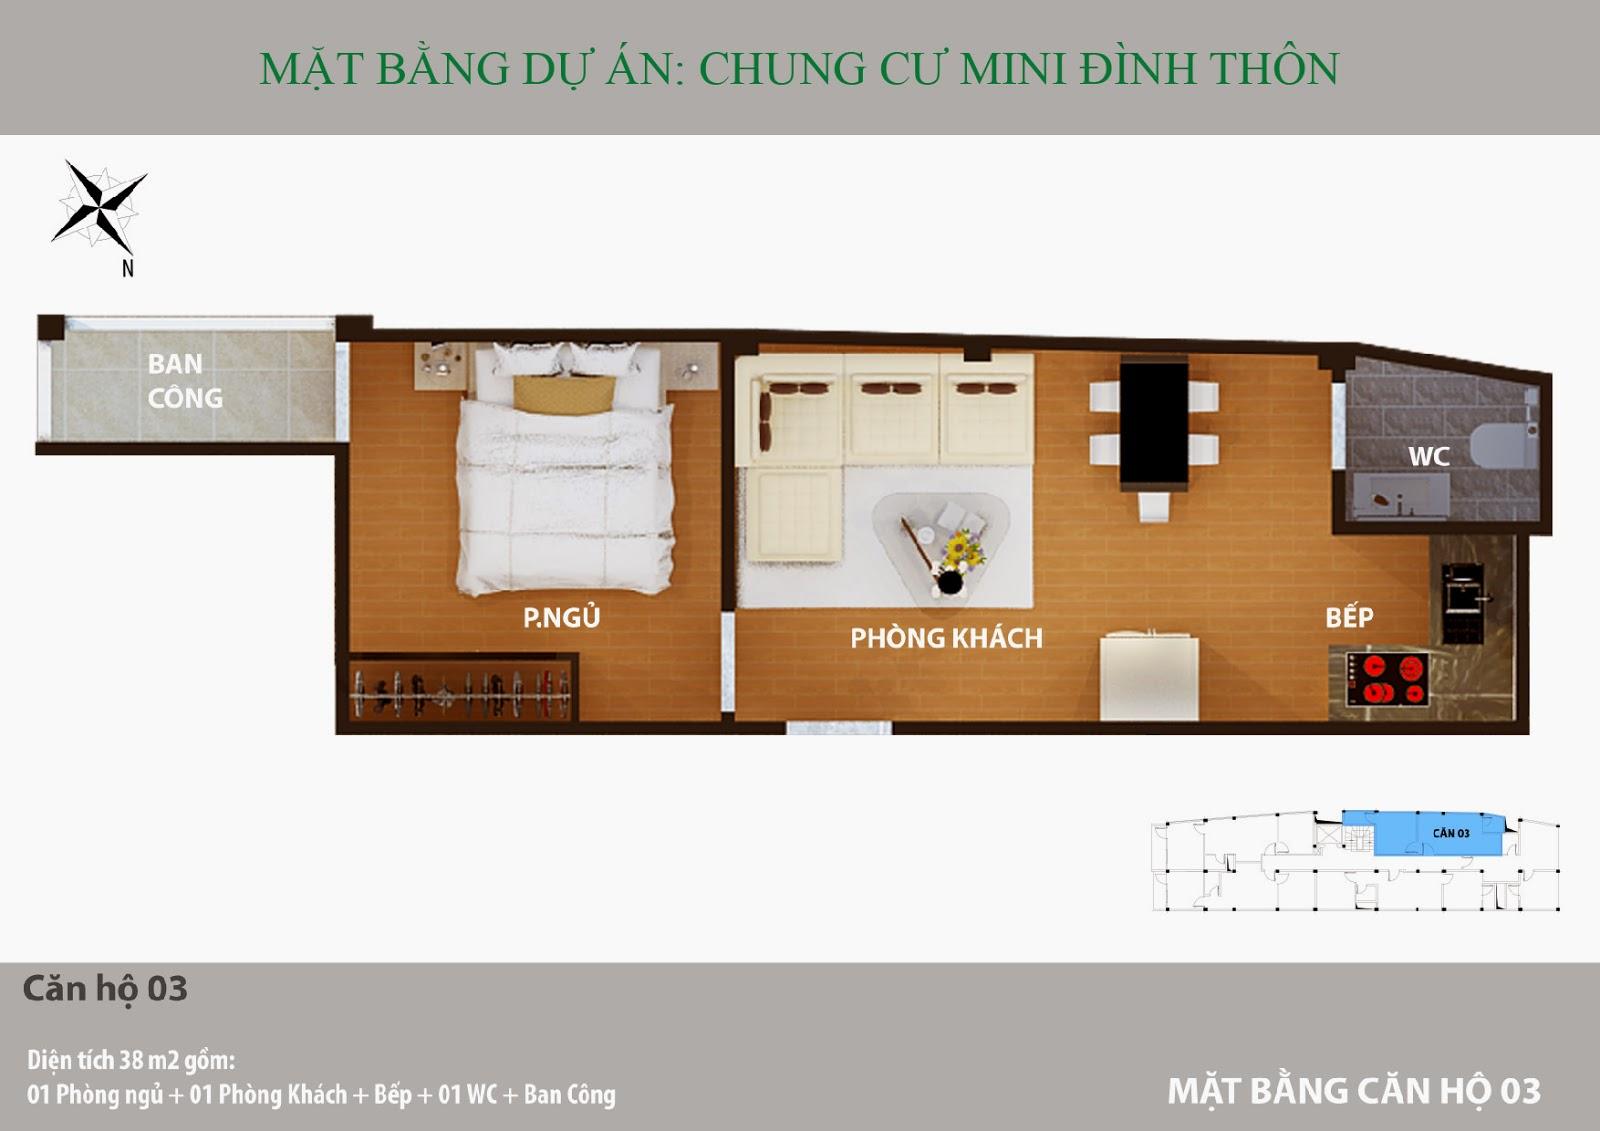 Căn hộ 1 phòng ngủ điển hình chung cư mini Mỹ Đình